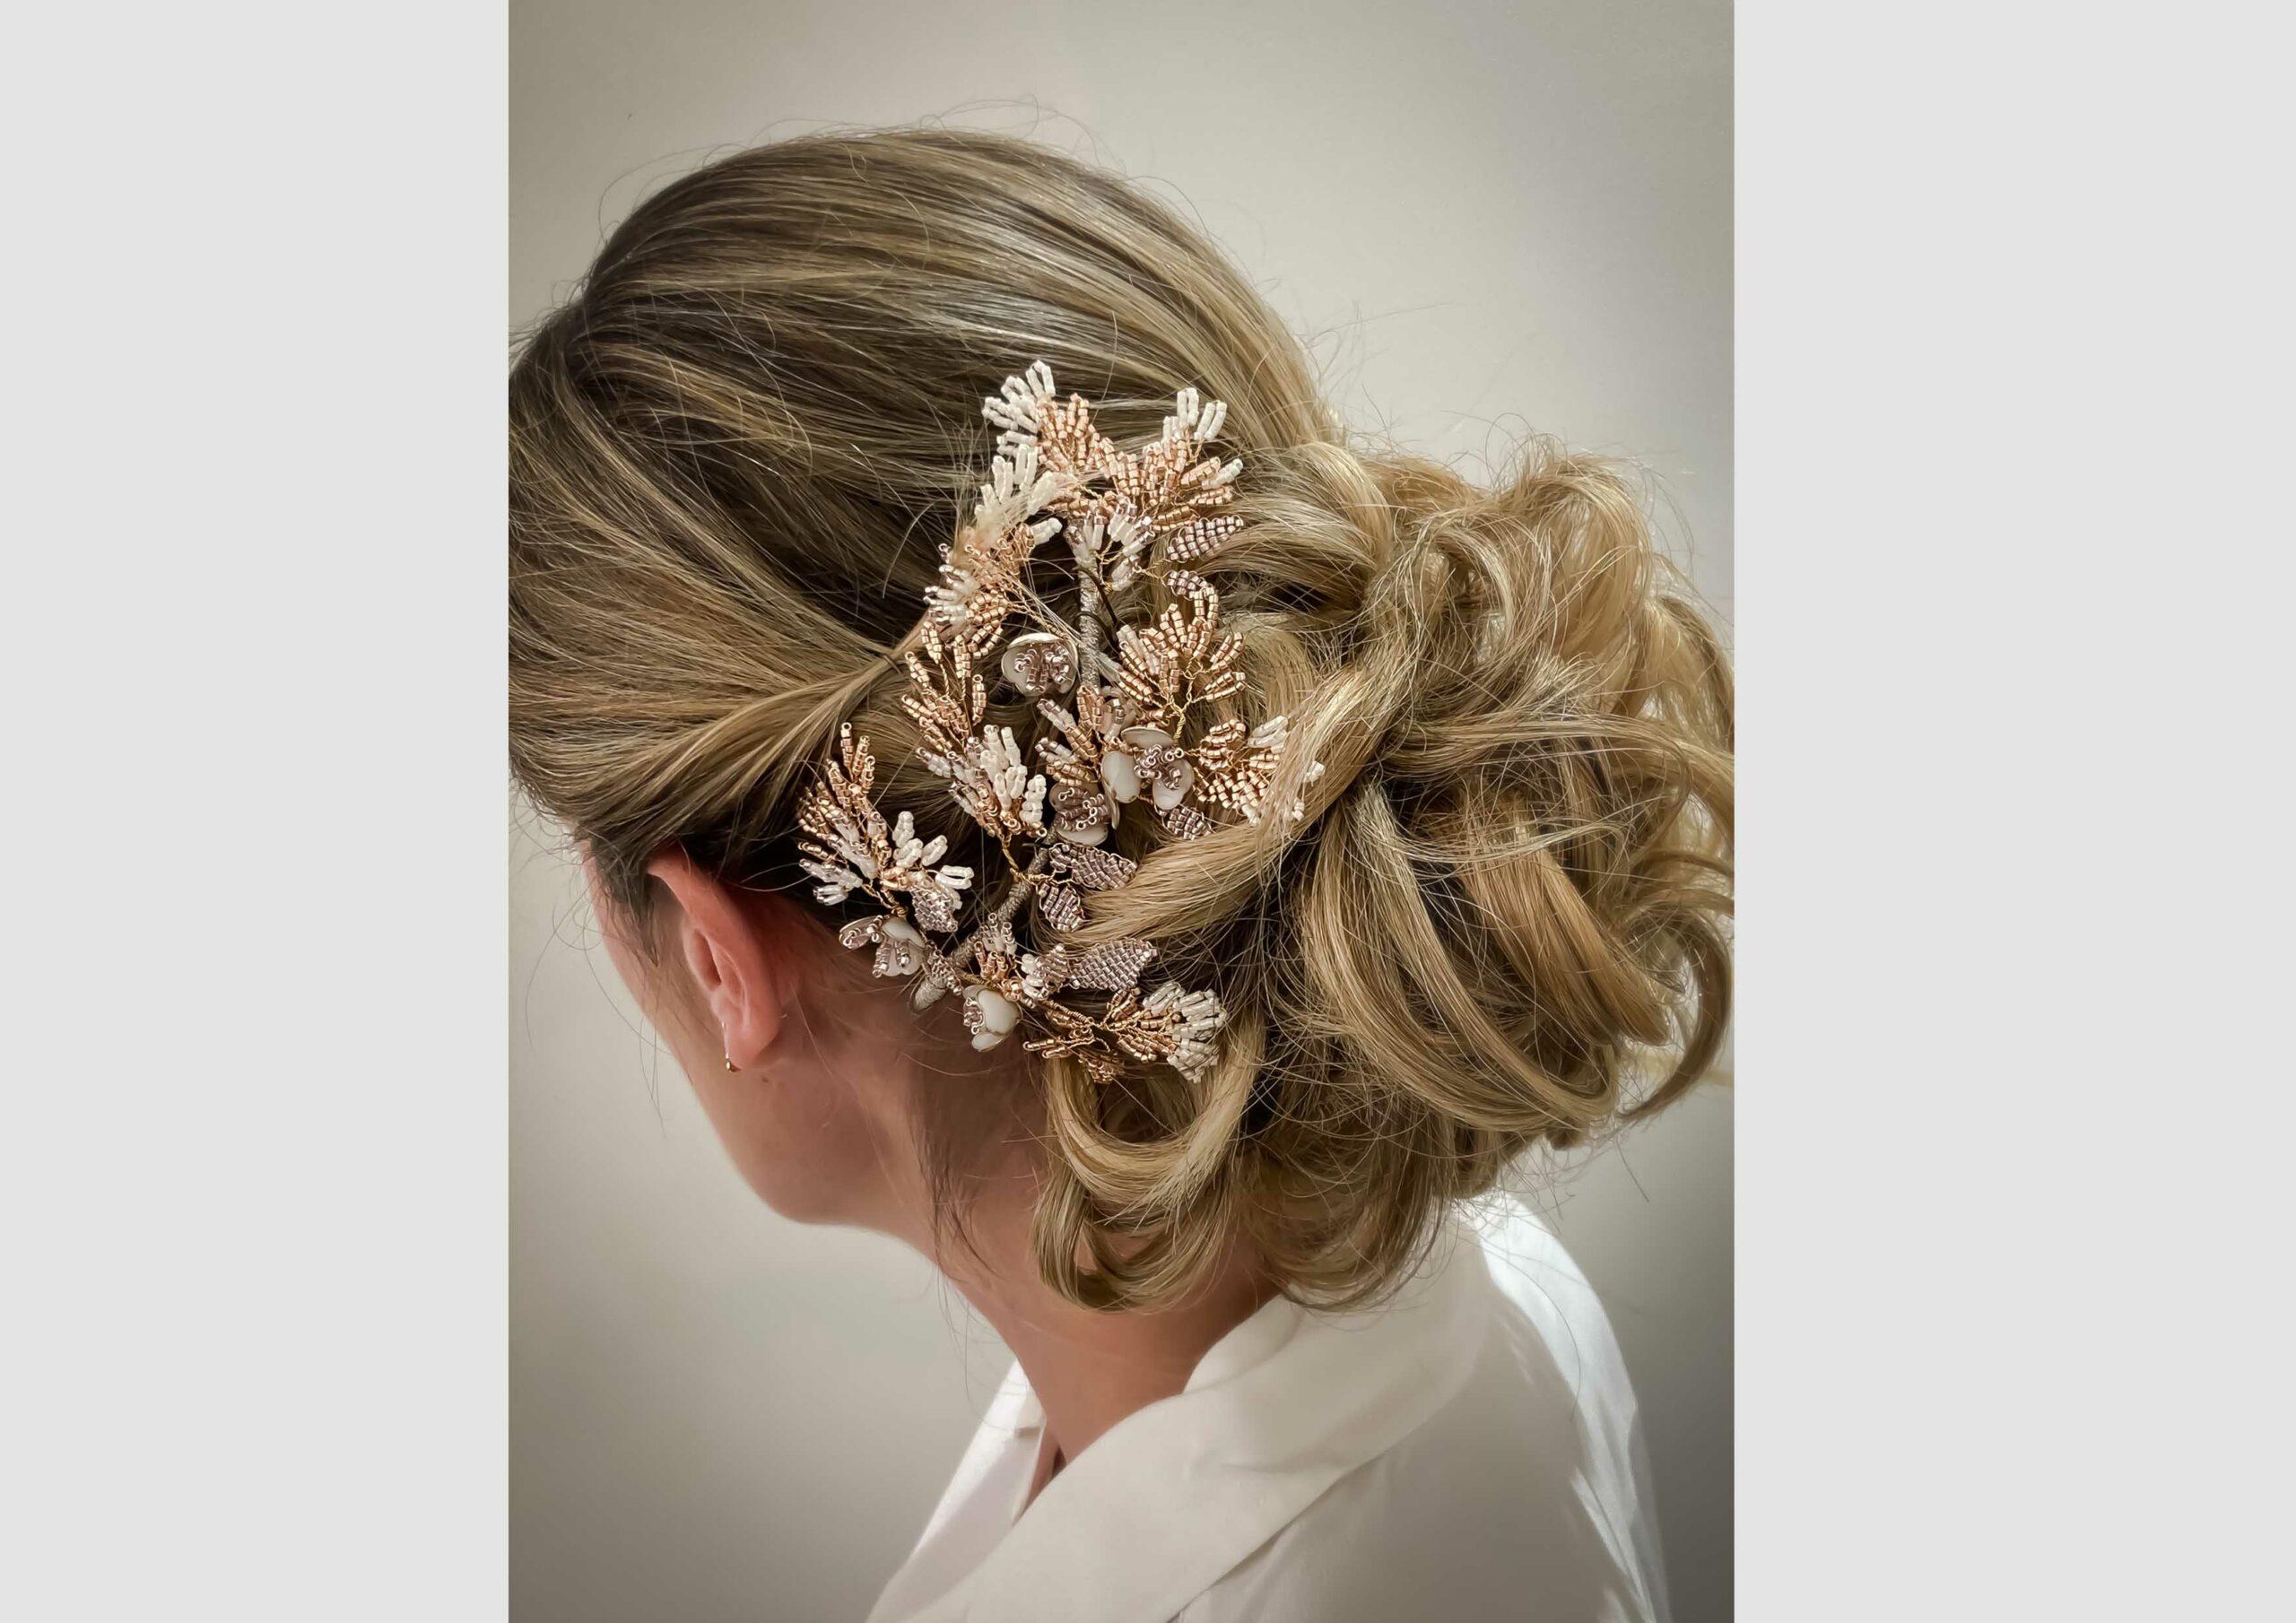 Couronne Kenza Blush les majestés accessoire cheveux mariage bijou mariee